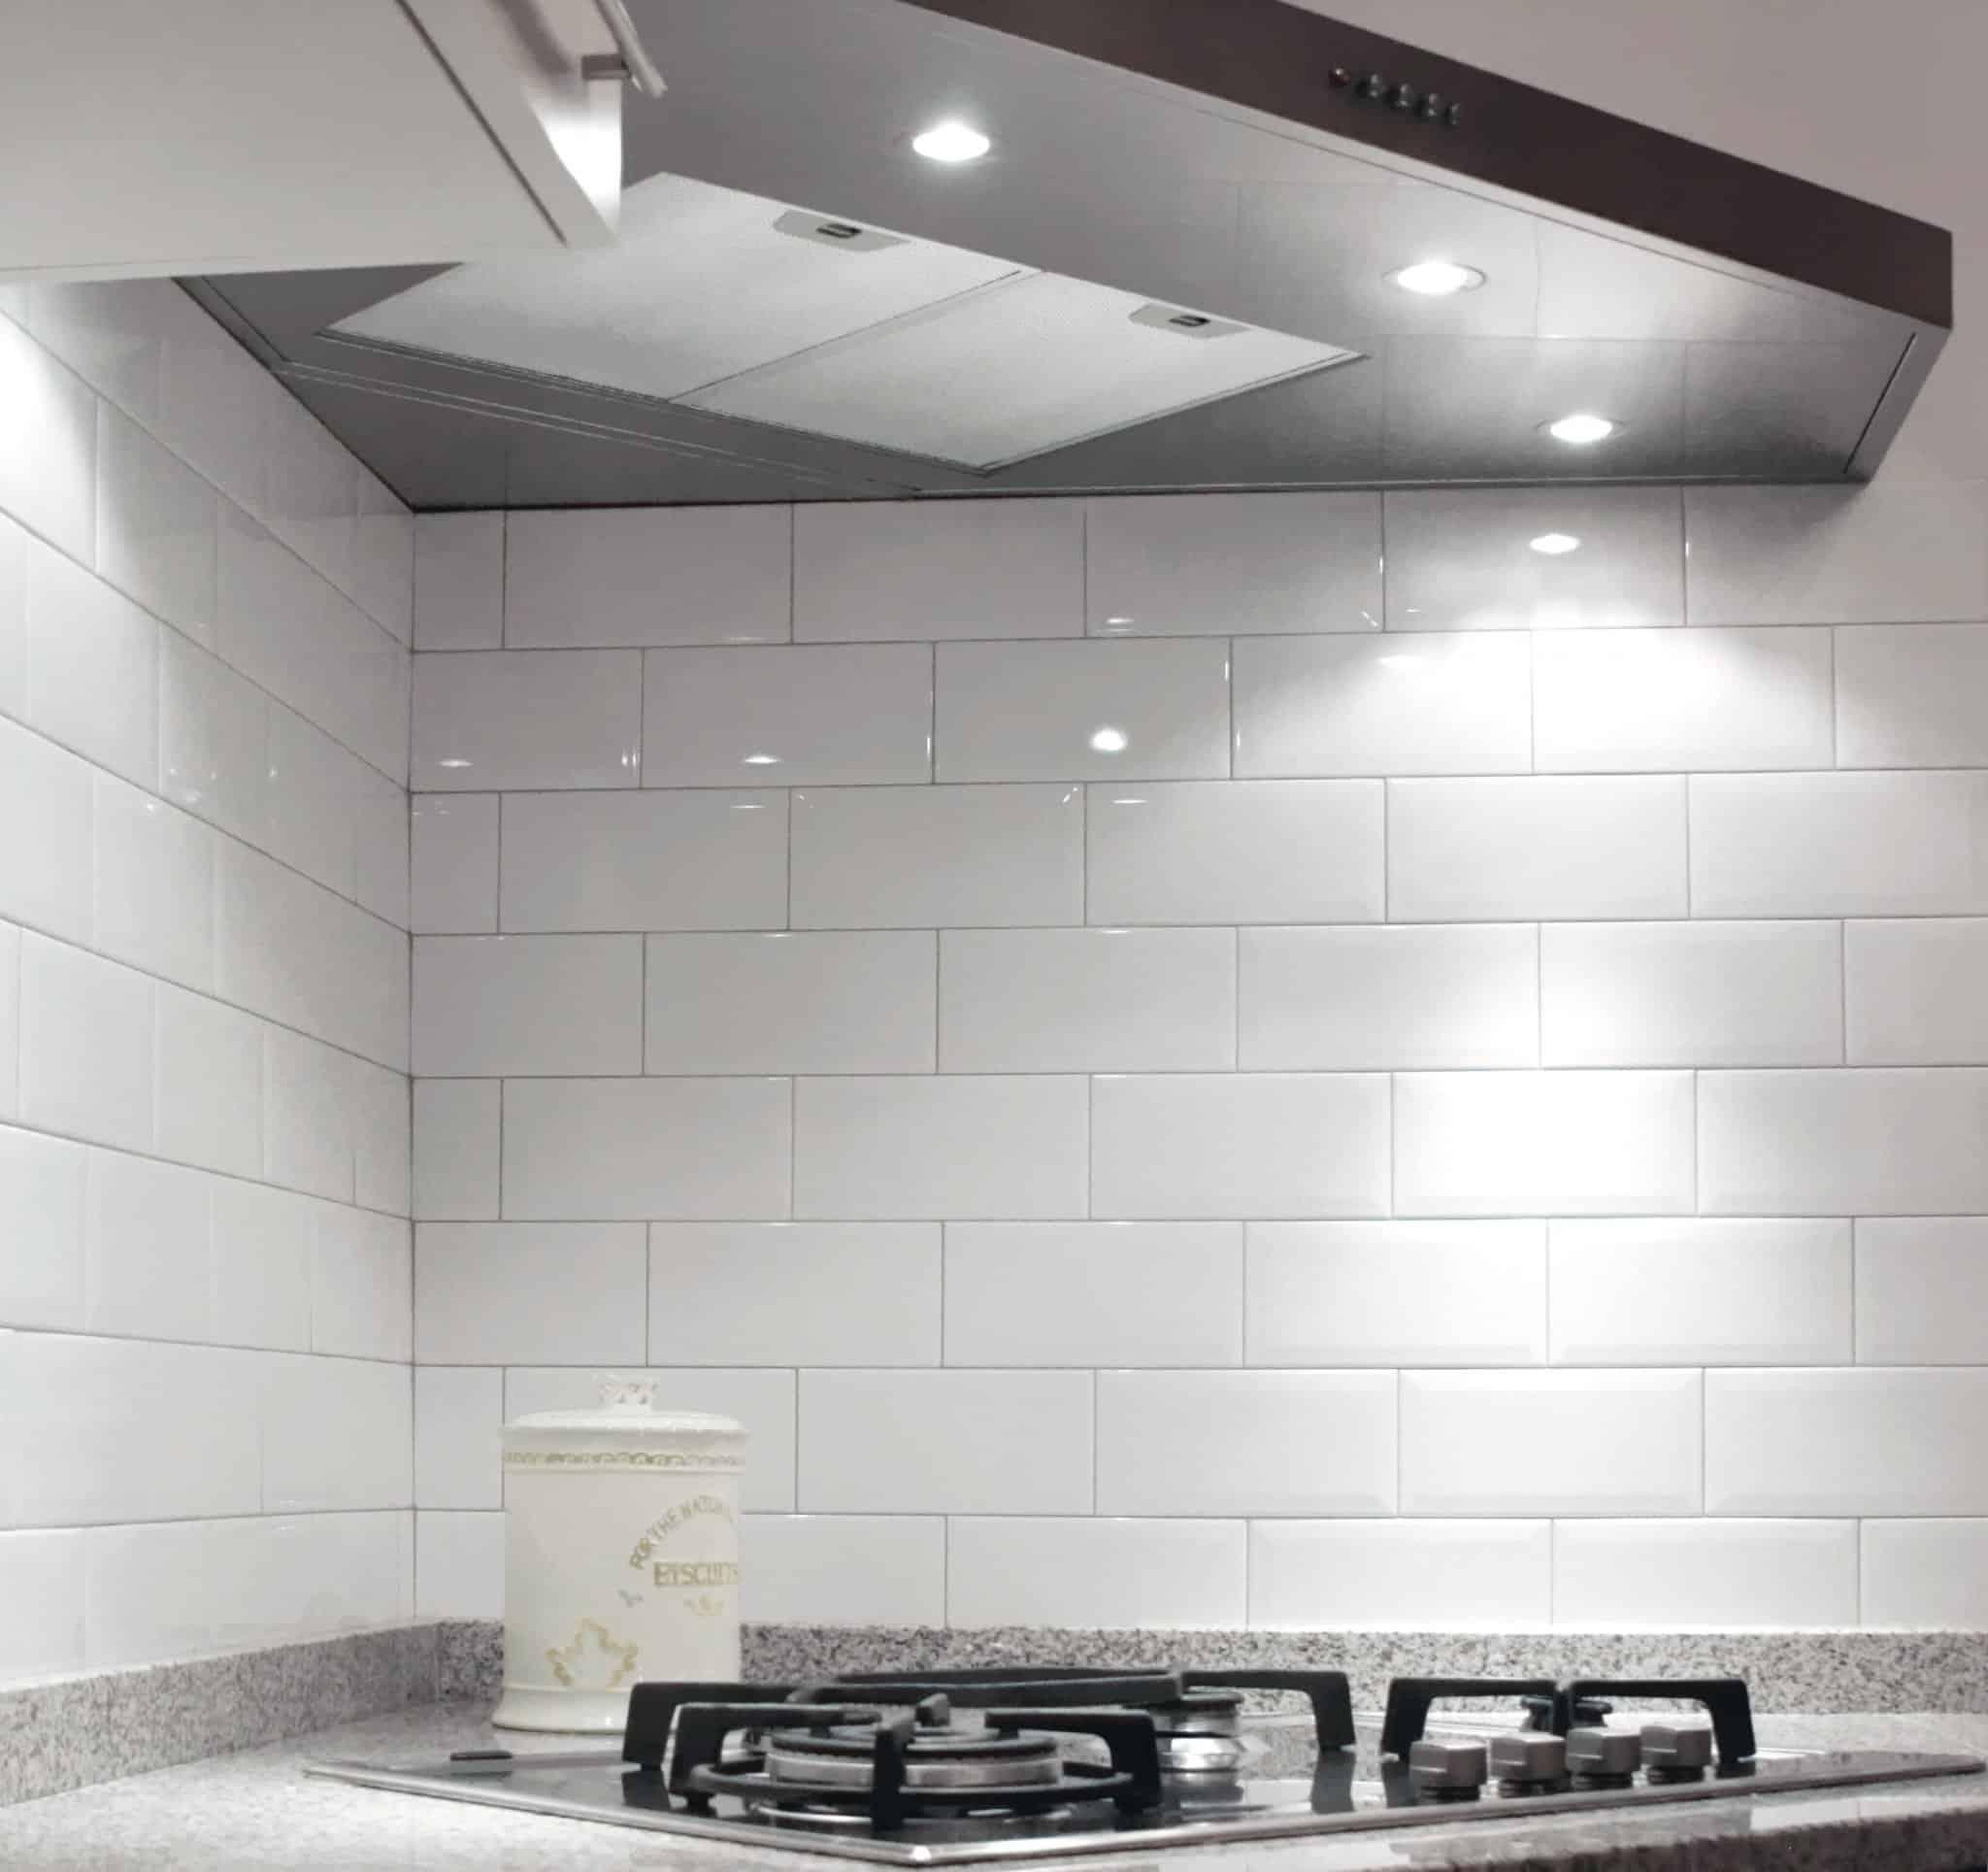 Diamante rivestimento cucina bianco mosaico 2 musis ceramica - Rivestimento piastrelle cucina ...